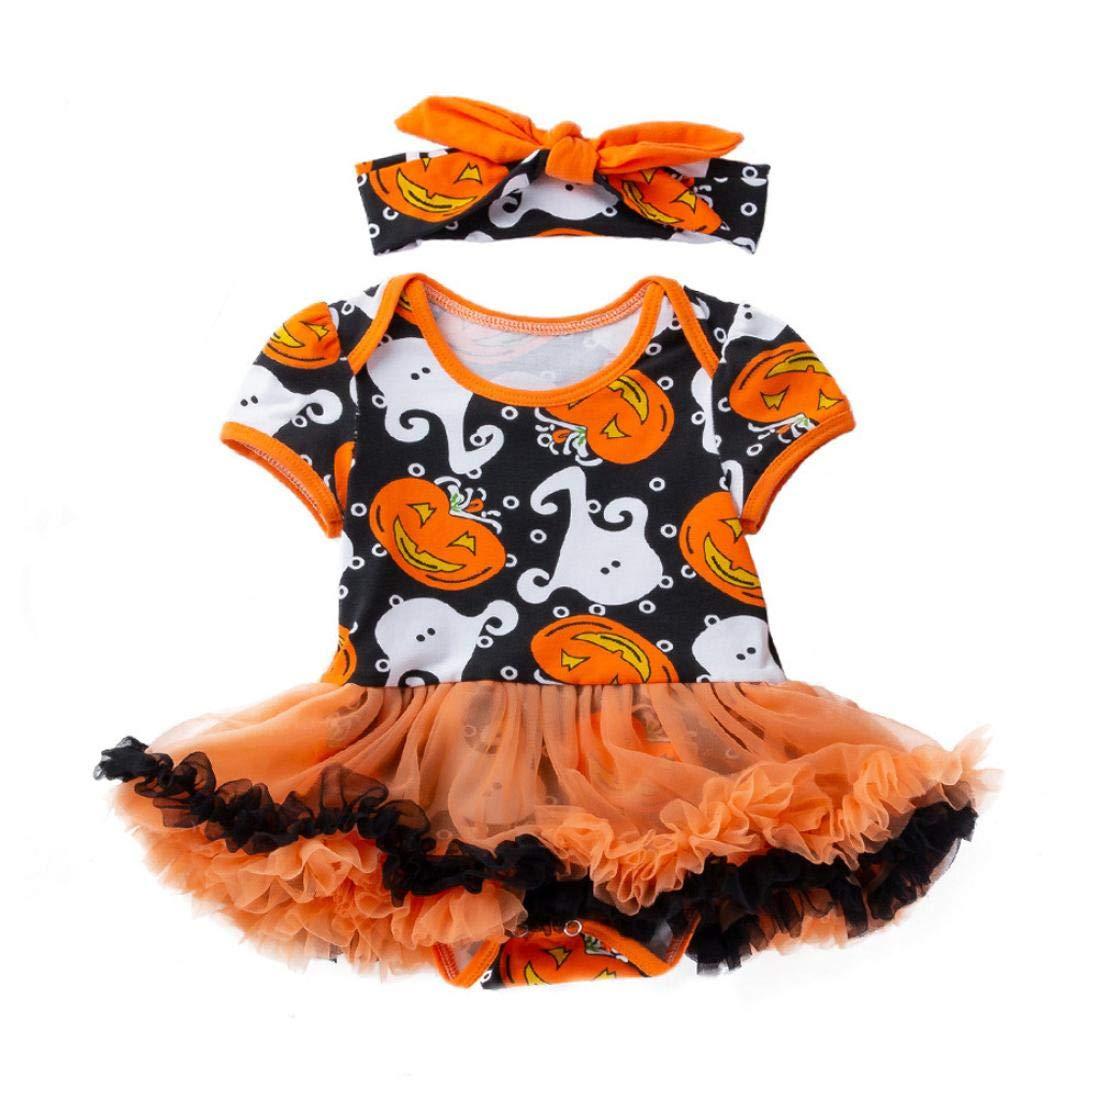 Kinlene Vestiti infantili del vestito da partito dell'arco della zucca di Halloween delle neonate del bambino